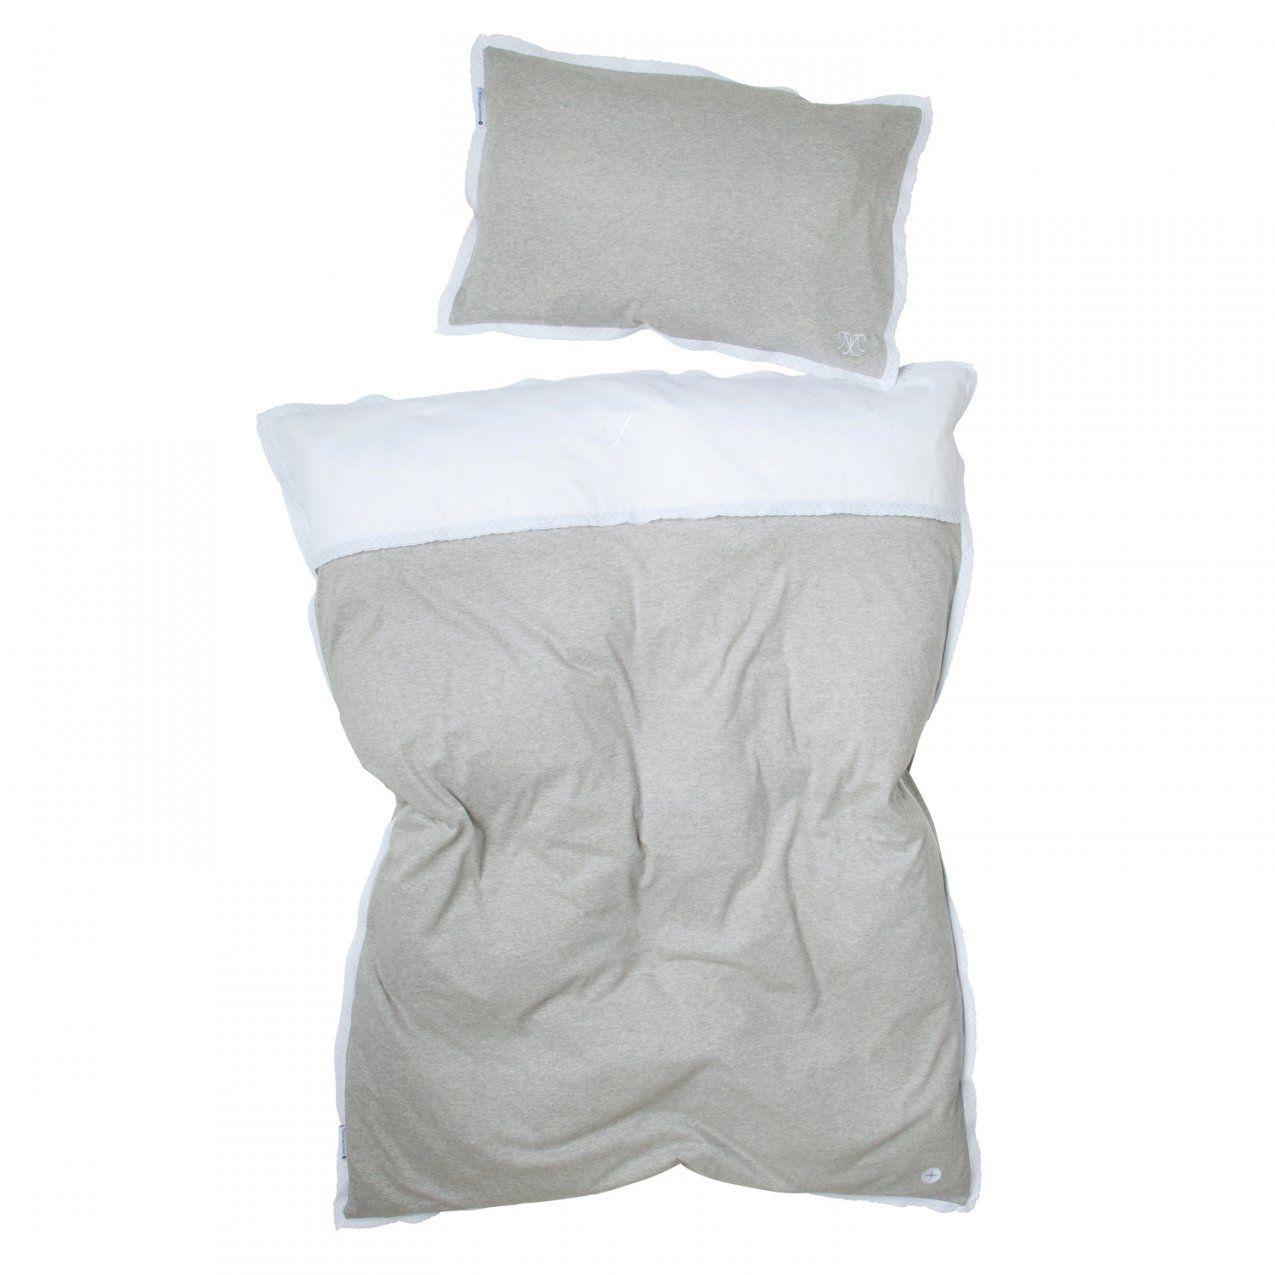 Kinderbettwäsche Grau Spitze Aus 100% Baumwoll Hochwertige Qualität von Bettwäsche Weiß Spitze Photo